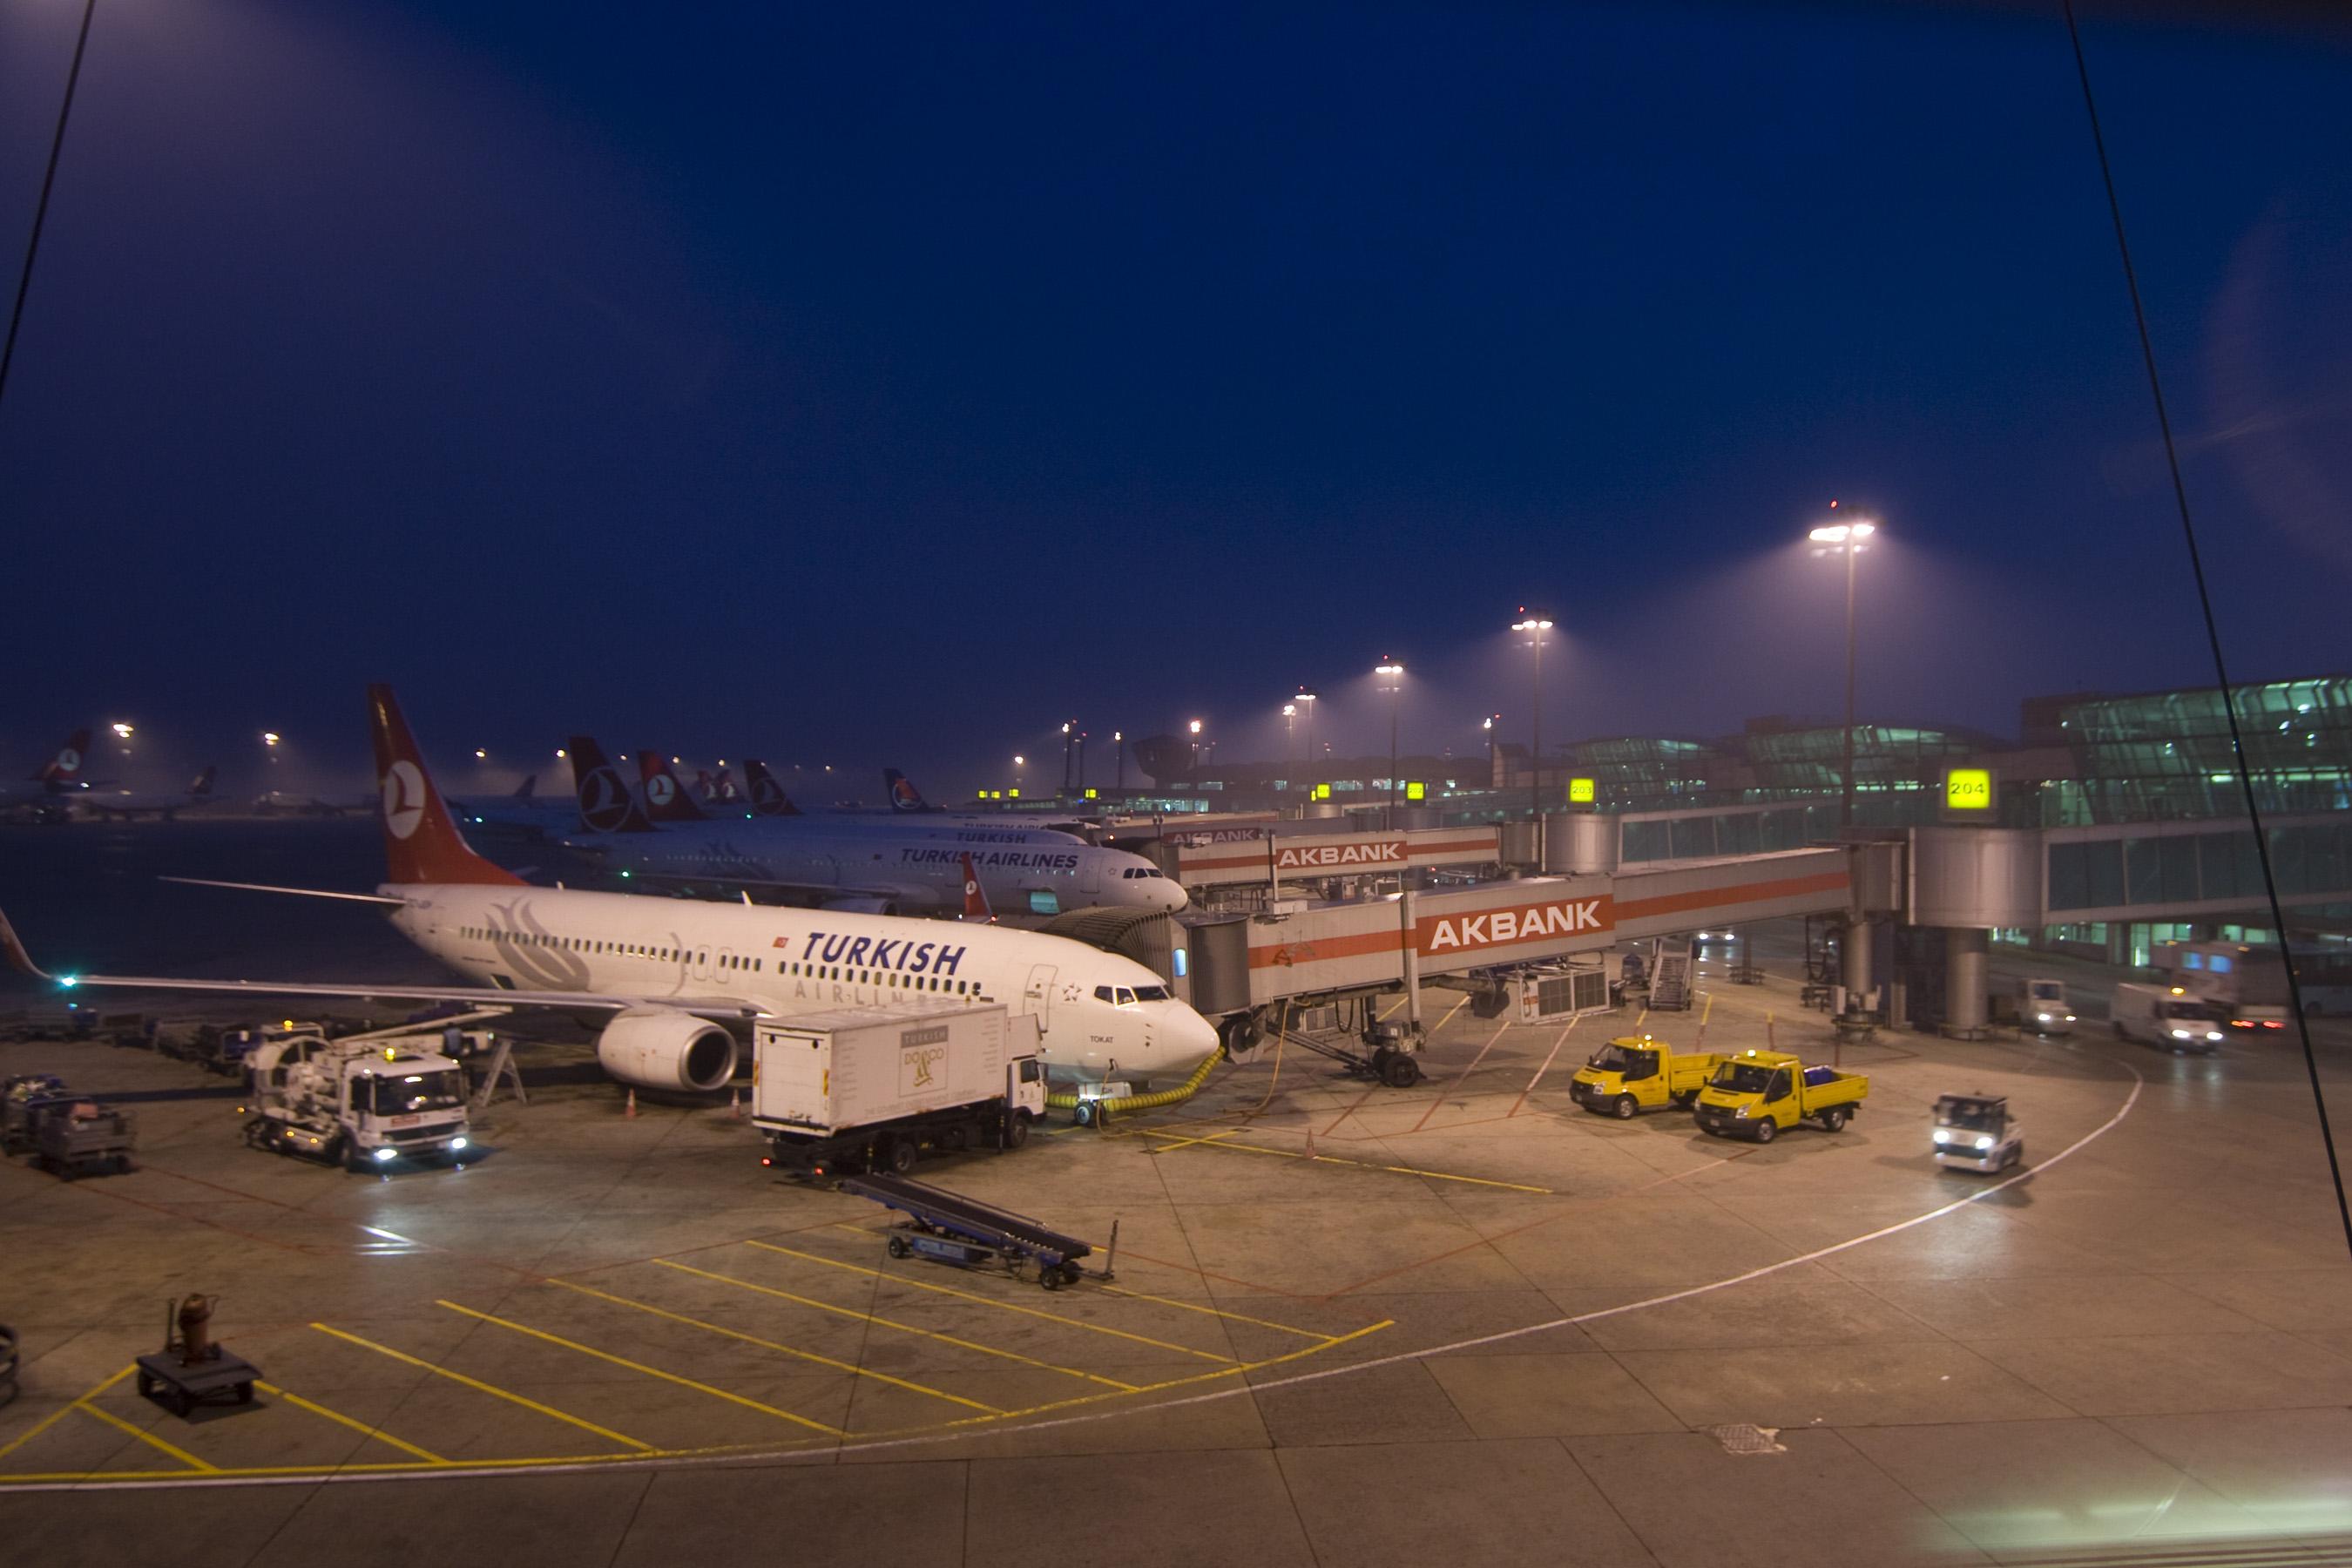 아타튀르크 국제공항